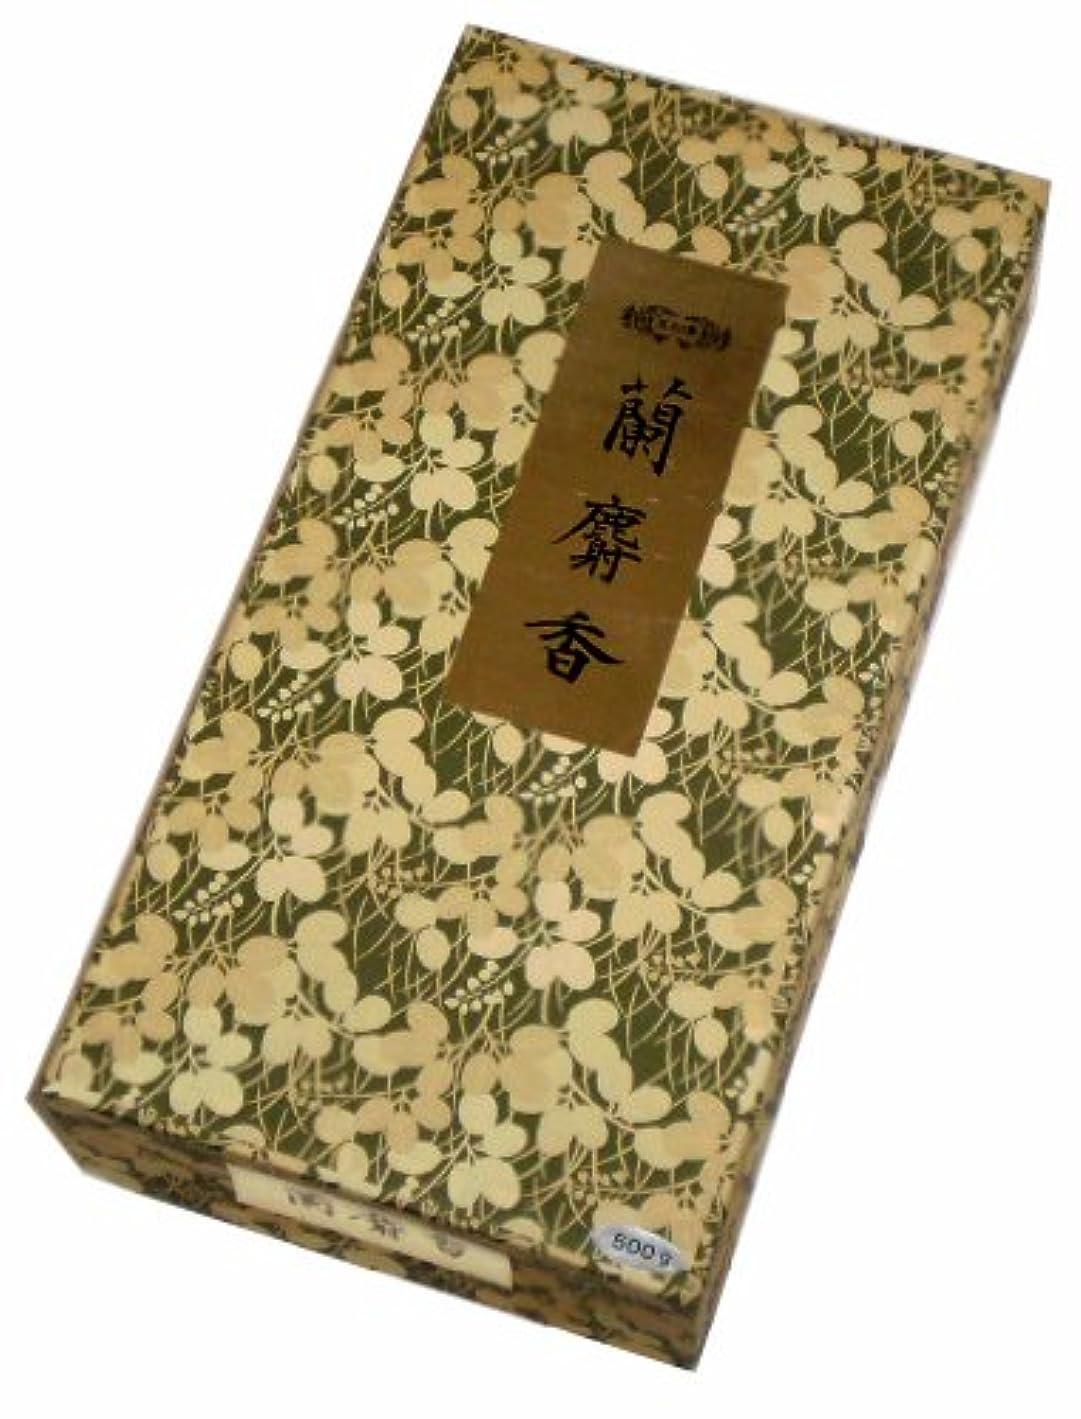 神社頭蓋骨気体の玉初堂のお香 蘭麝香 500g #621